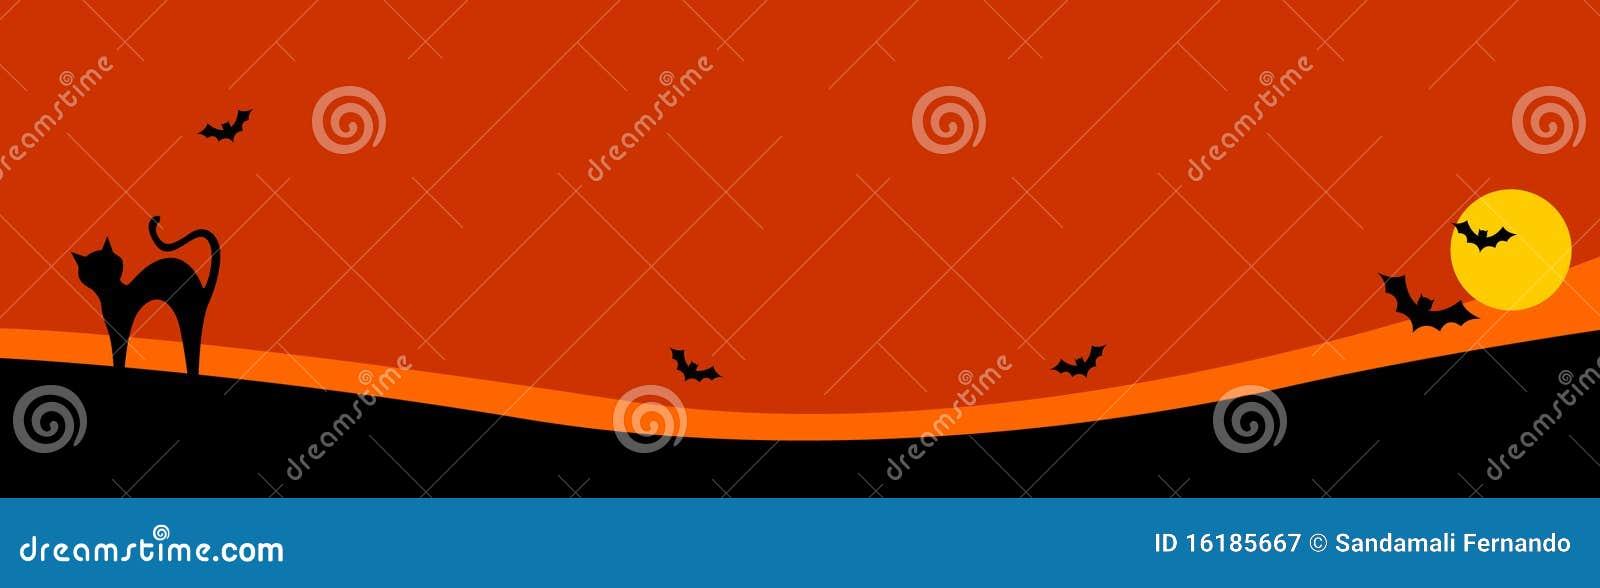 Halloween header / background